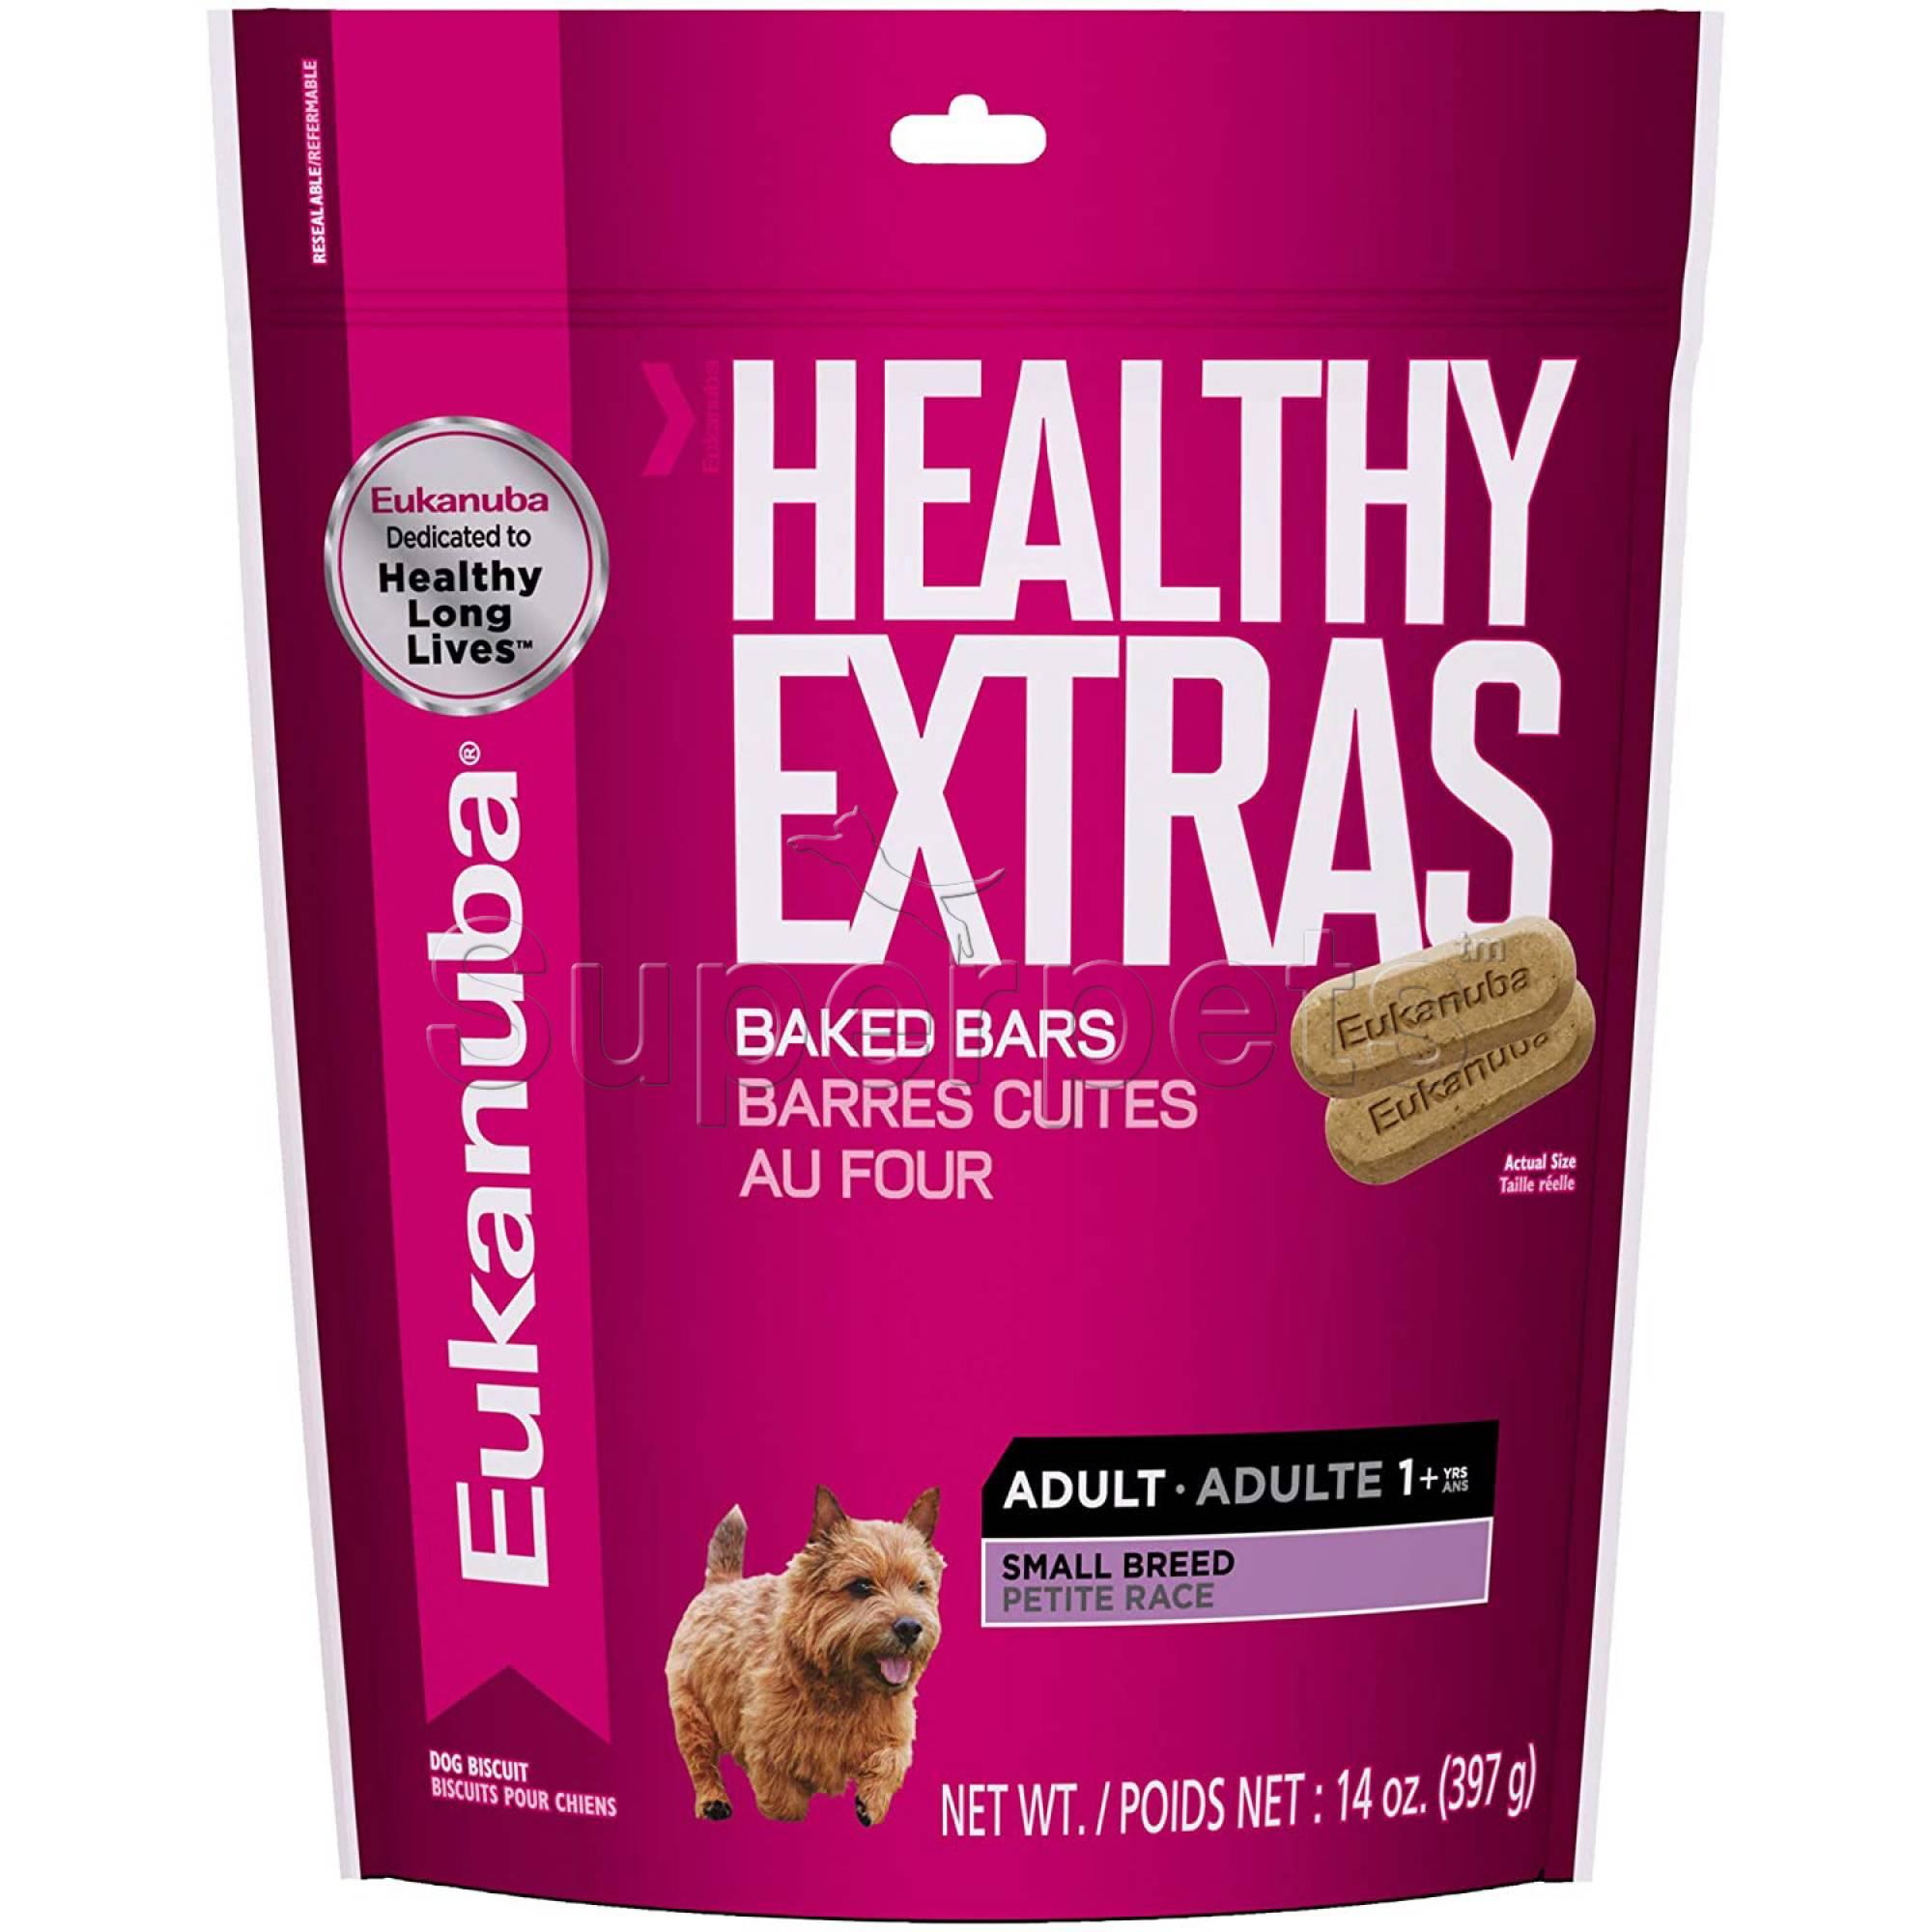 Eukanuba - Healthy Extras Baked Bars Adult Small Breed Treats 14oz (397g) (Short Expiry Product)